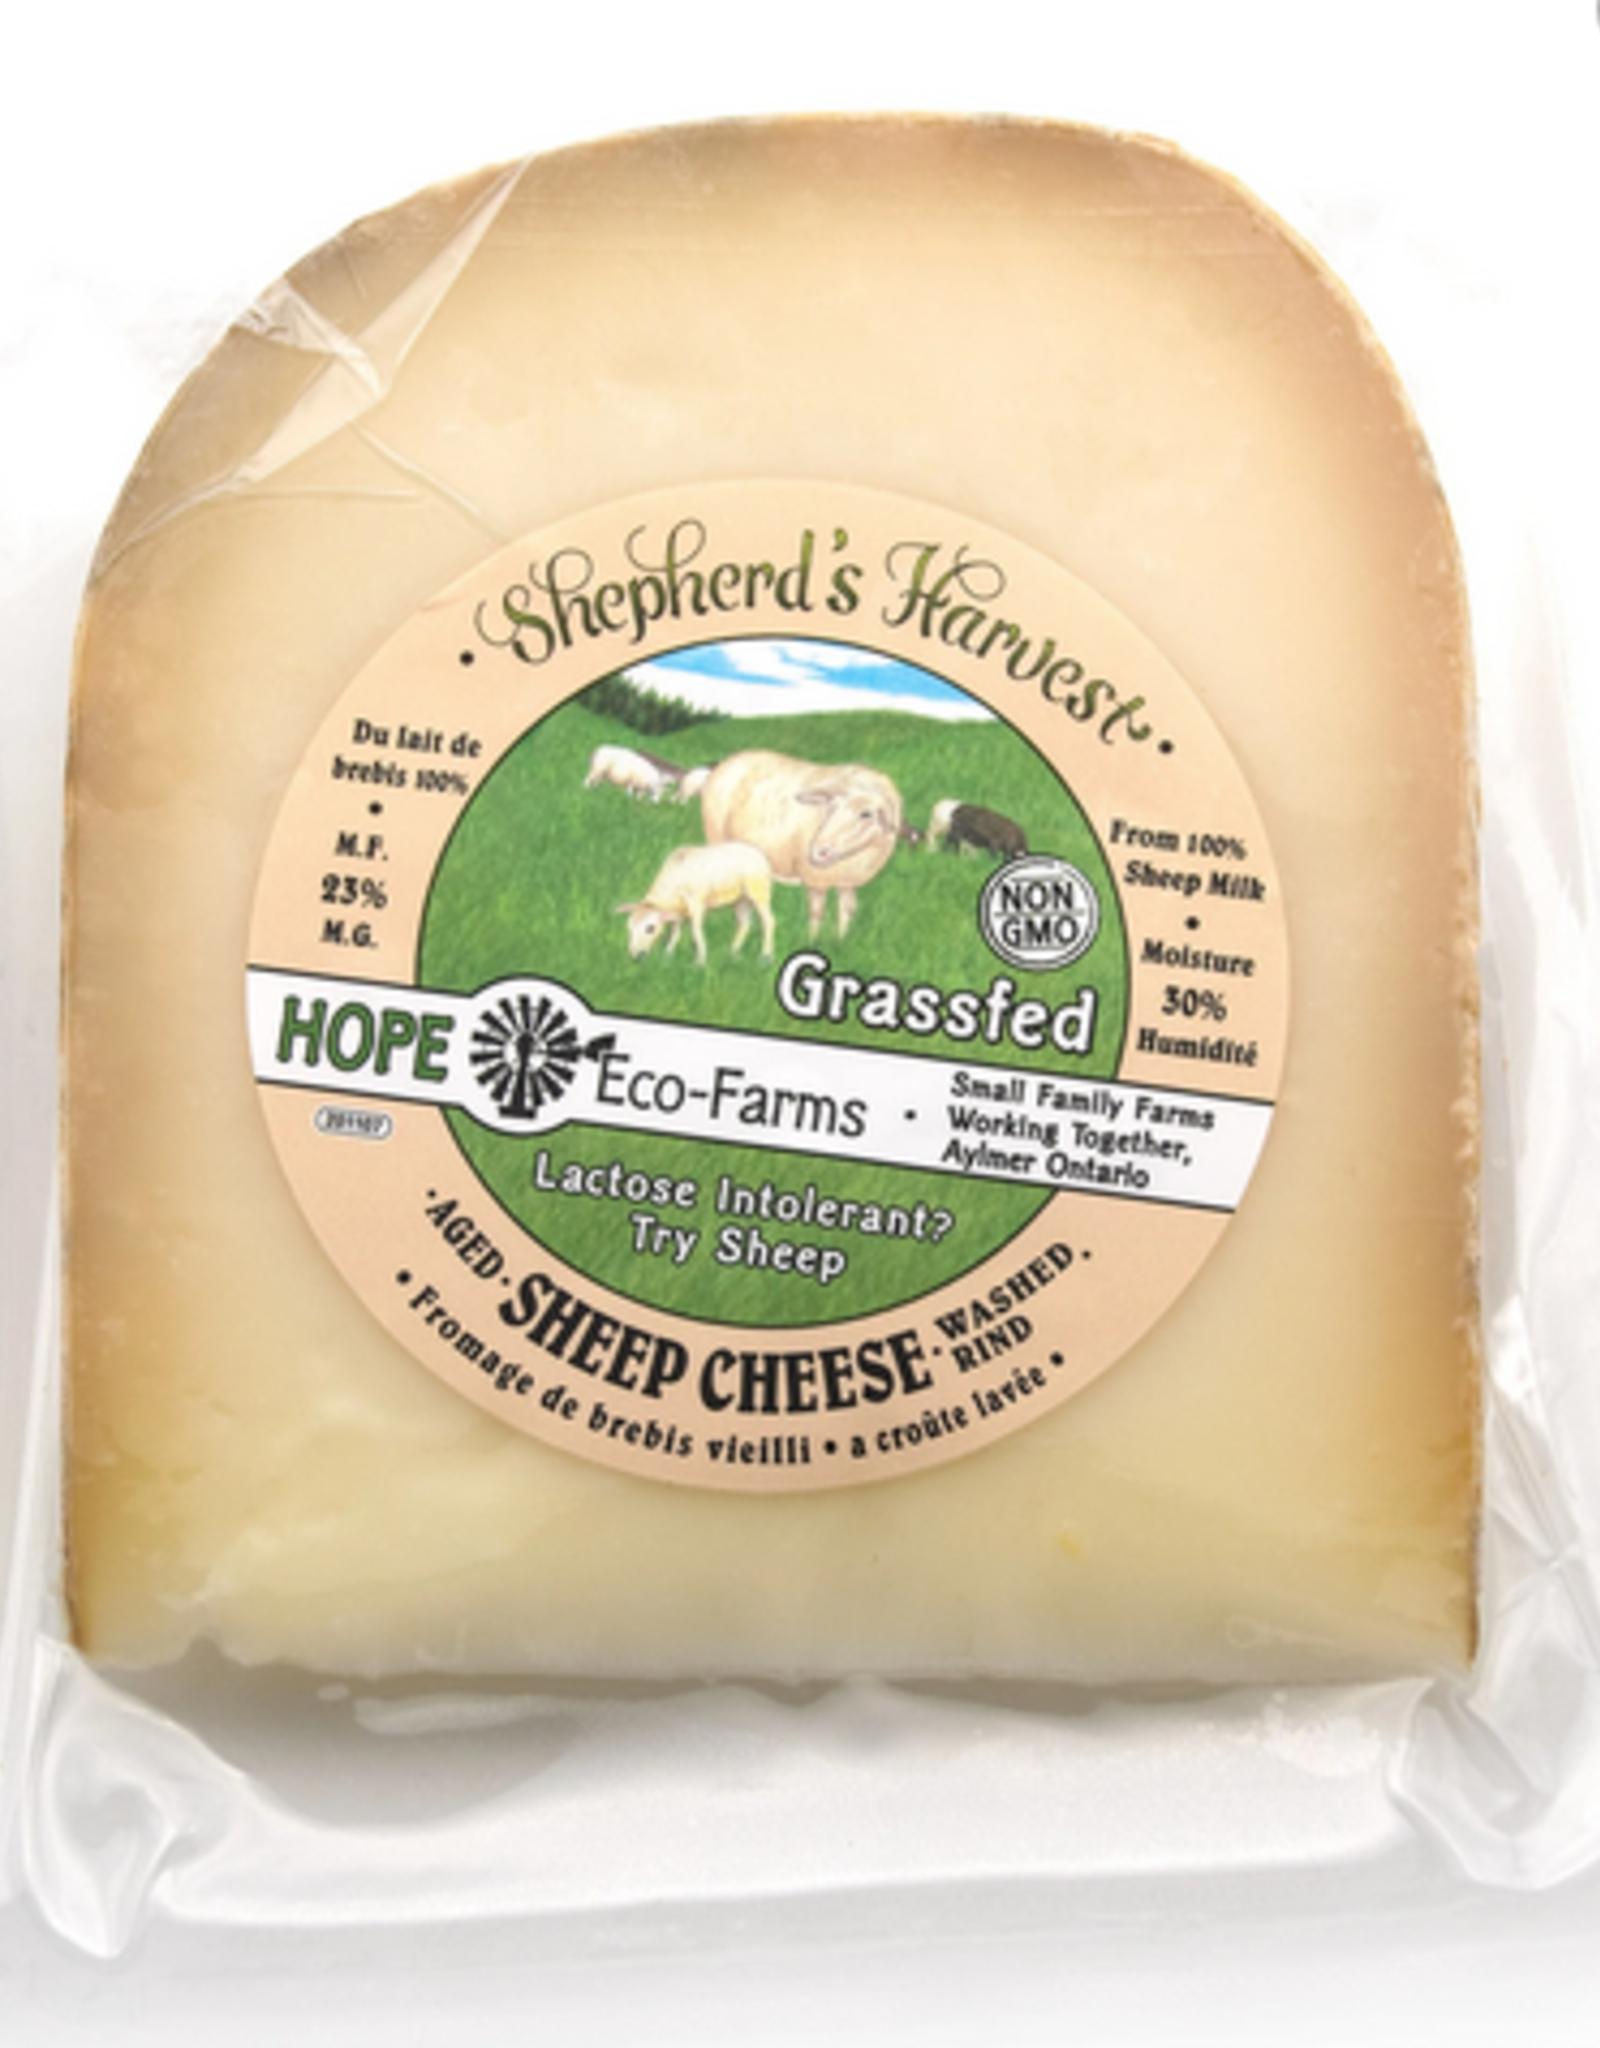 Artisan Dairy Co op Shepherd's Harvest